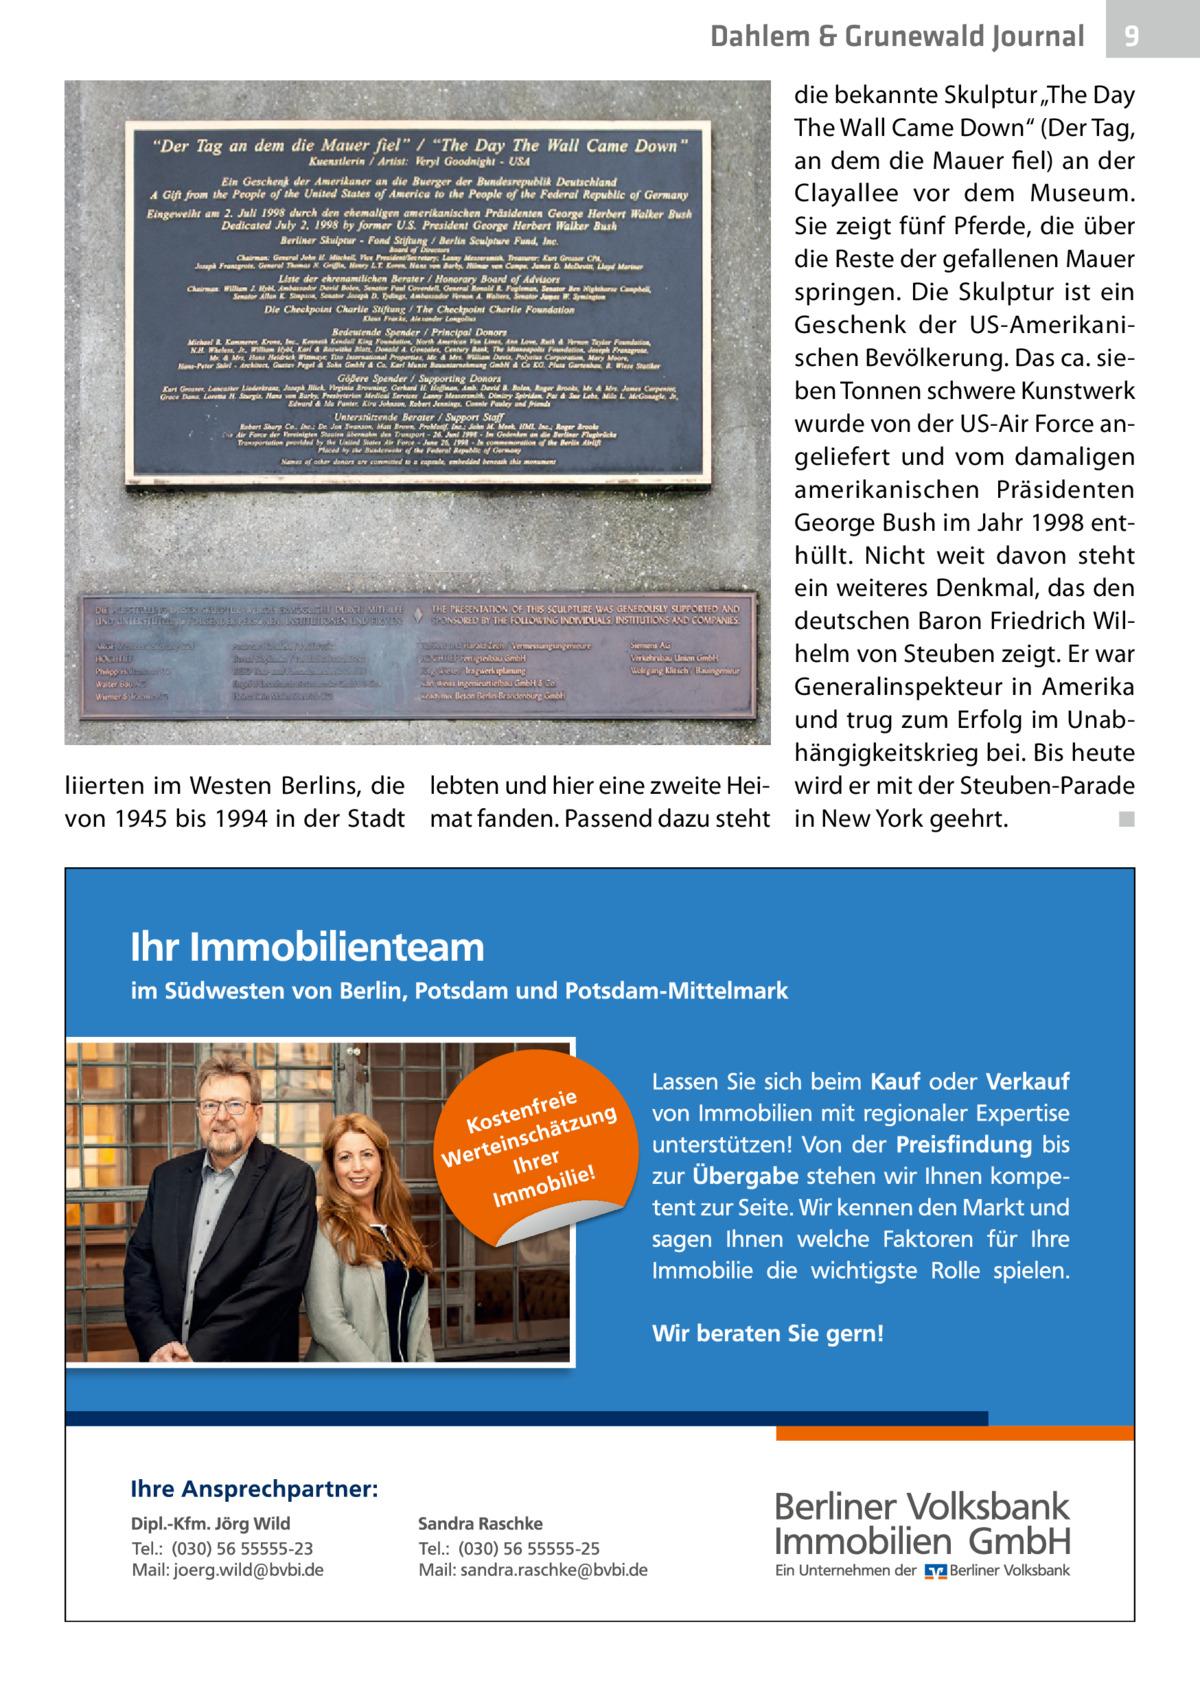 """Dahlem & Grunewald Journal  9  die bekannte Skulptur """"The Day The Wall Came Down"""" (Der Tag, an dem die Mauer fiel) an der Clayallee vor dem Museum. Sie zeigt fünf Pferde, die über die Reste der gefallenen Mauer springen. Die Skulptur ist ein Geschenk der US-Amerikanischen Bevölkerung. Das ca. sieben Tonnen schwere Kunstwerk wurde von der US-Air Force angeliefert und vom damaligen amerikanischen Präsidenten George Bush im Jahr 1998 enthüllt. Nicht weit davon steht ein weiteres Denkmal, das den deutschen Baron Friedrich Wilhelm von Steuben zeigt. Er war Generalinspekteur in Amerika und trug zum Erfolg im Unabhängigkeitskrieg bei. Bis heute liierten im Westen Berlins, die lebten und hier eine zweite Hei- wird er mit der Steuben-Parade von 1945 bis 1994 in der Stadt mat fanden. Passend dazu steht in New York geehrt. ◾"""